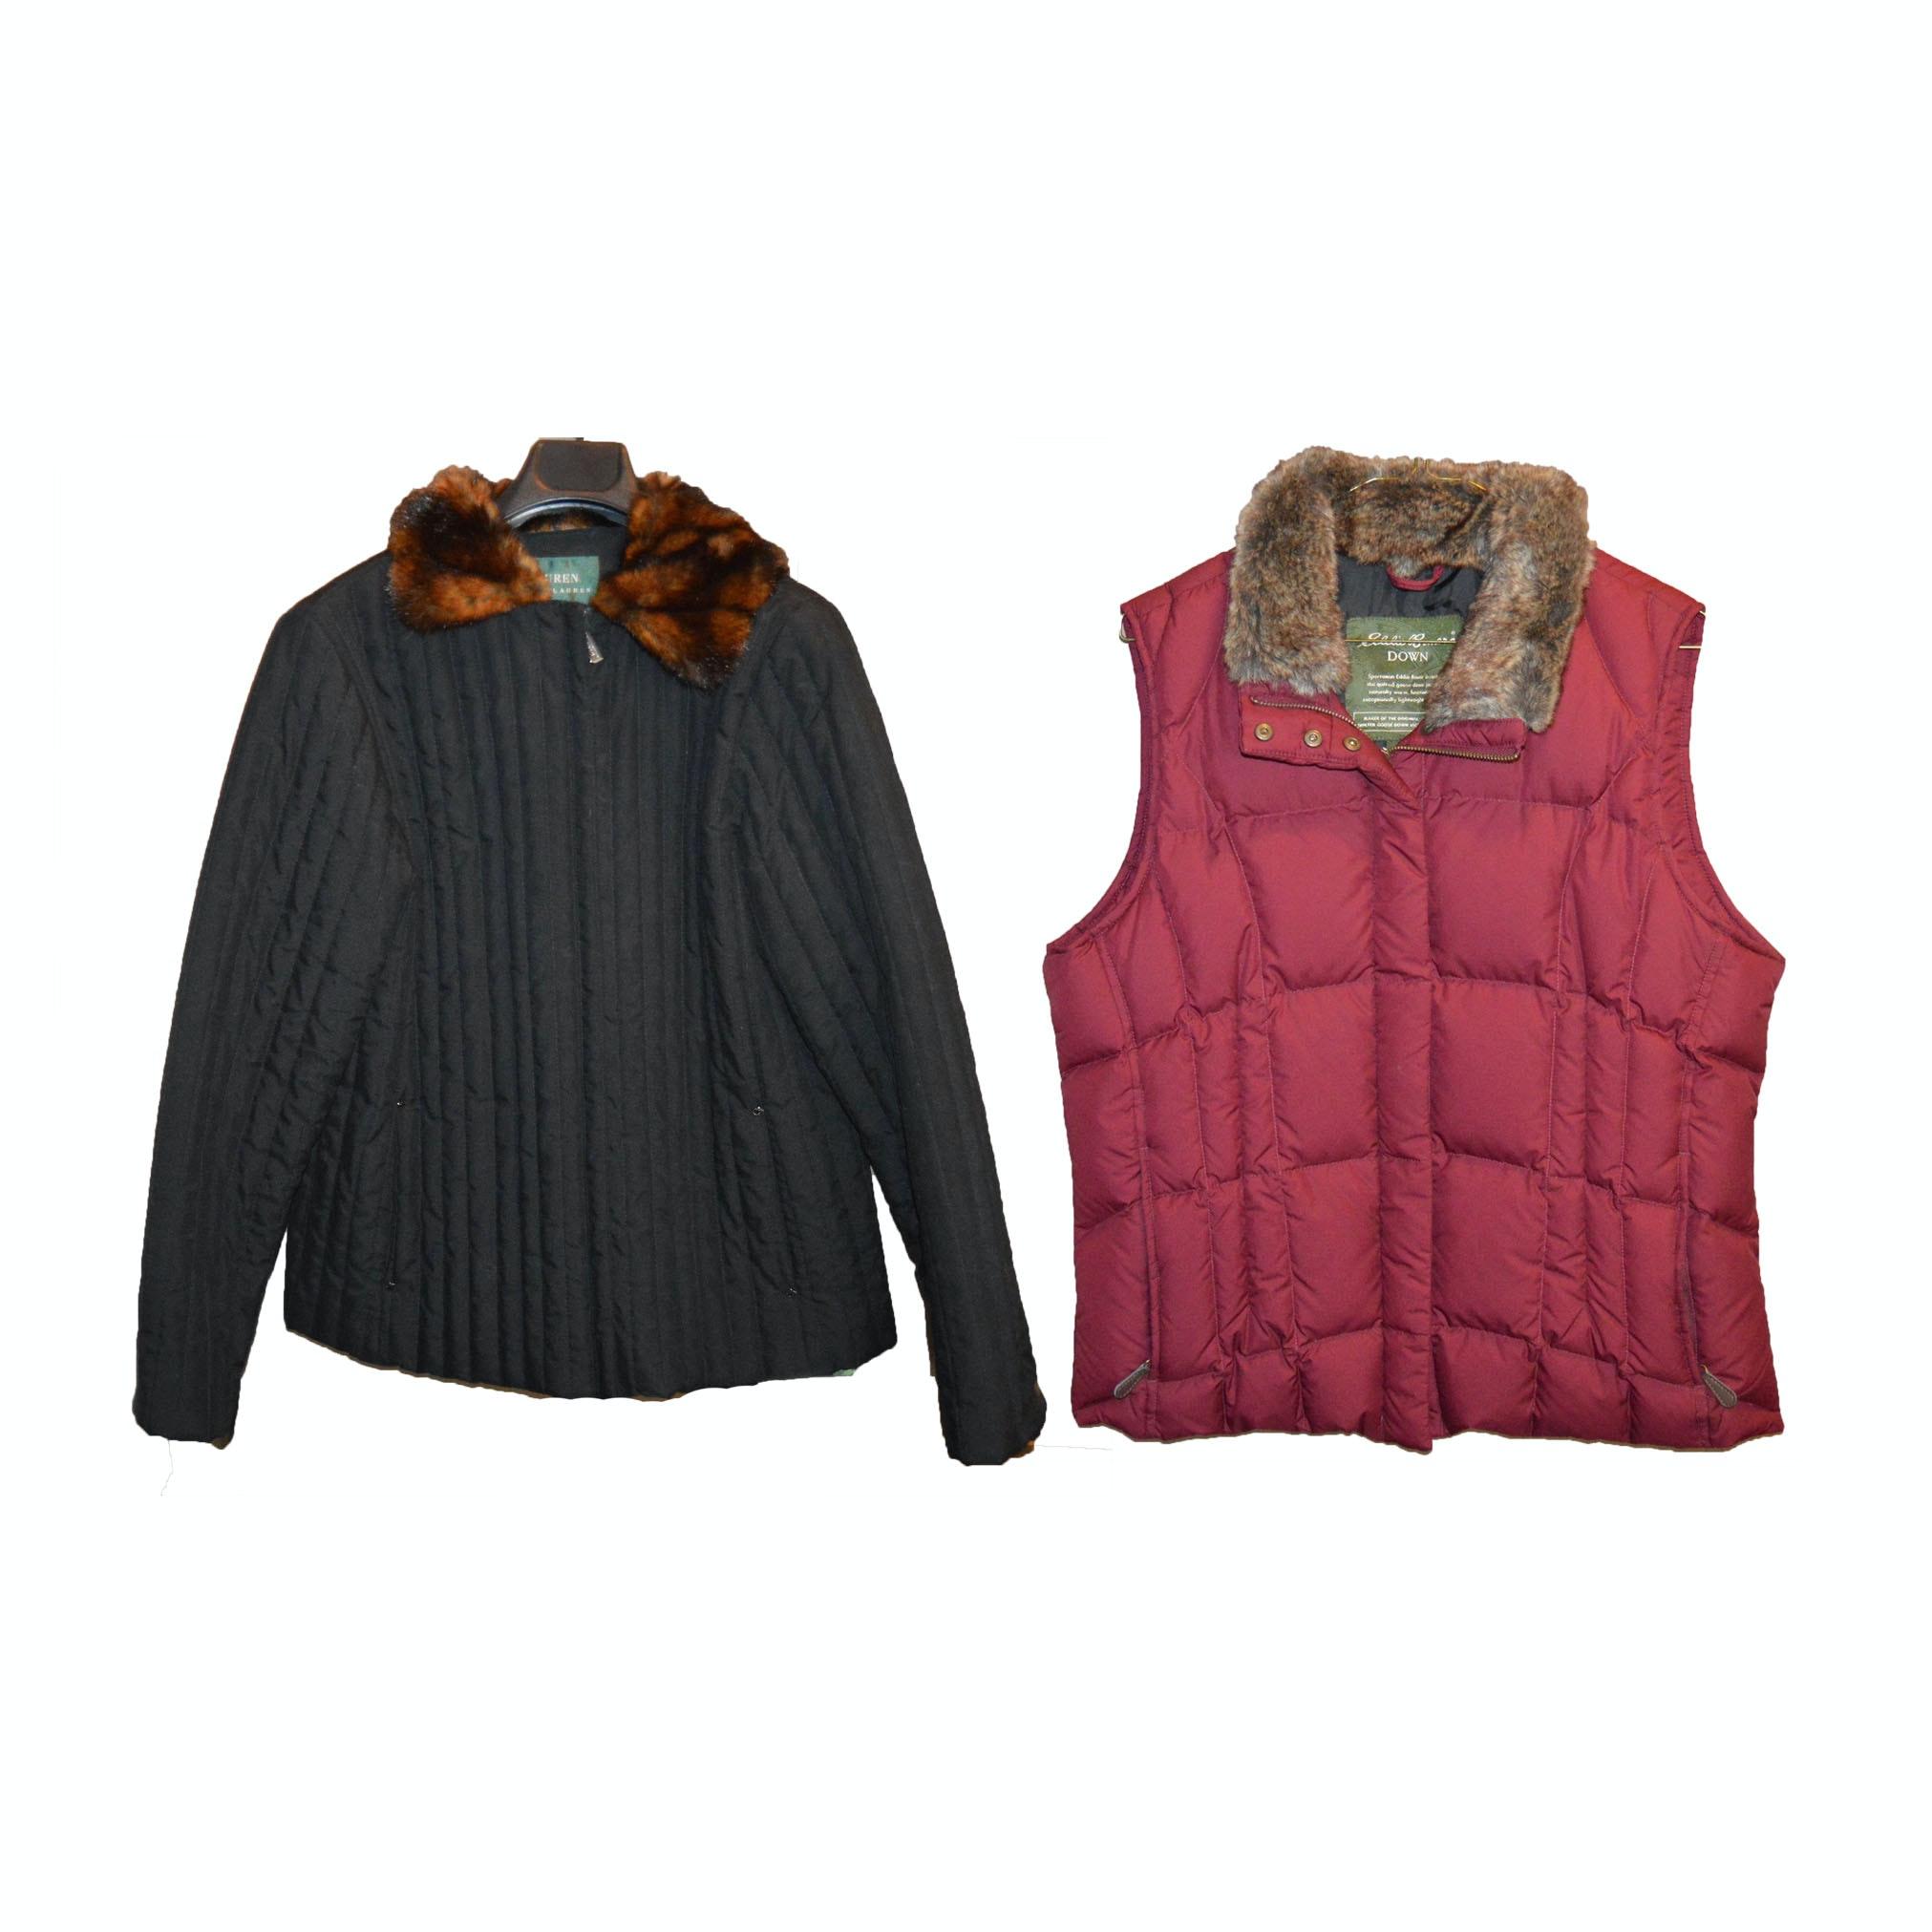 PRIORITY-Ralph Lauren Coat and Eddie Bauer Down Vest ...